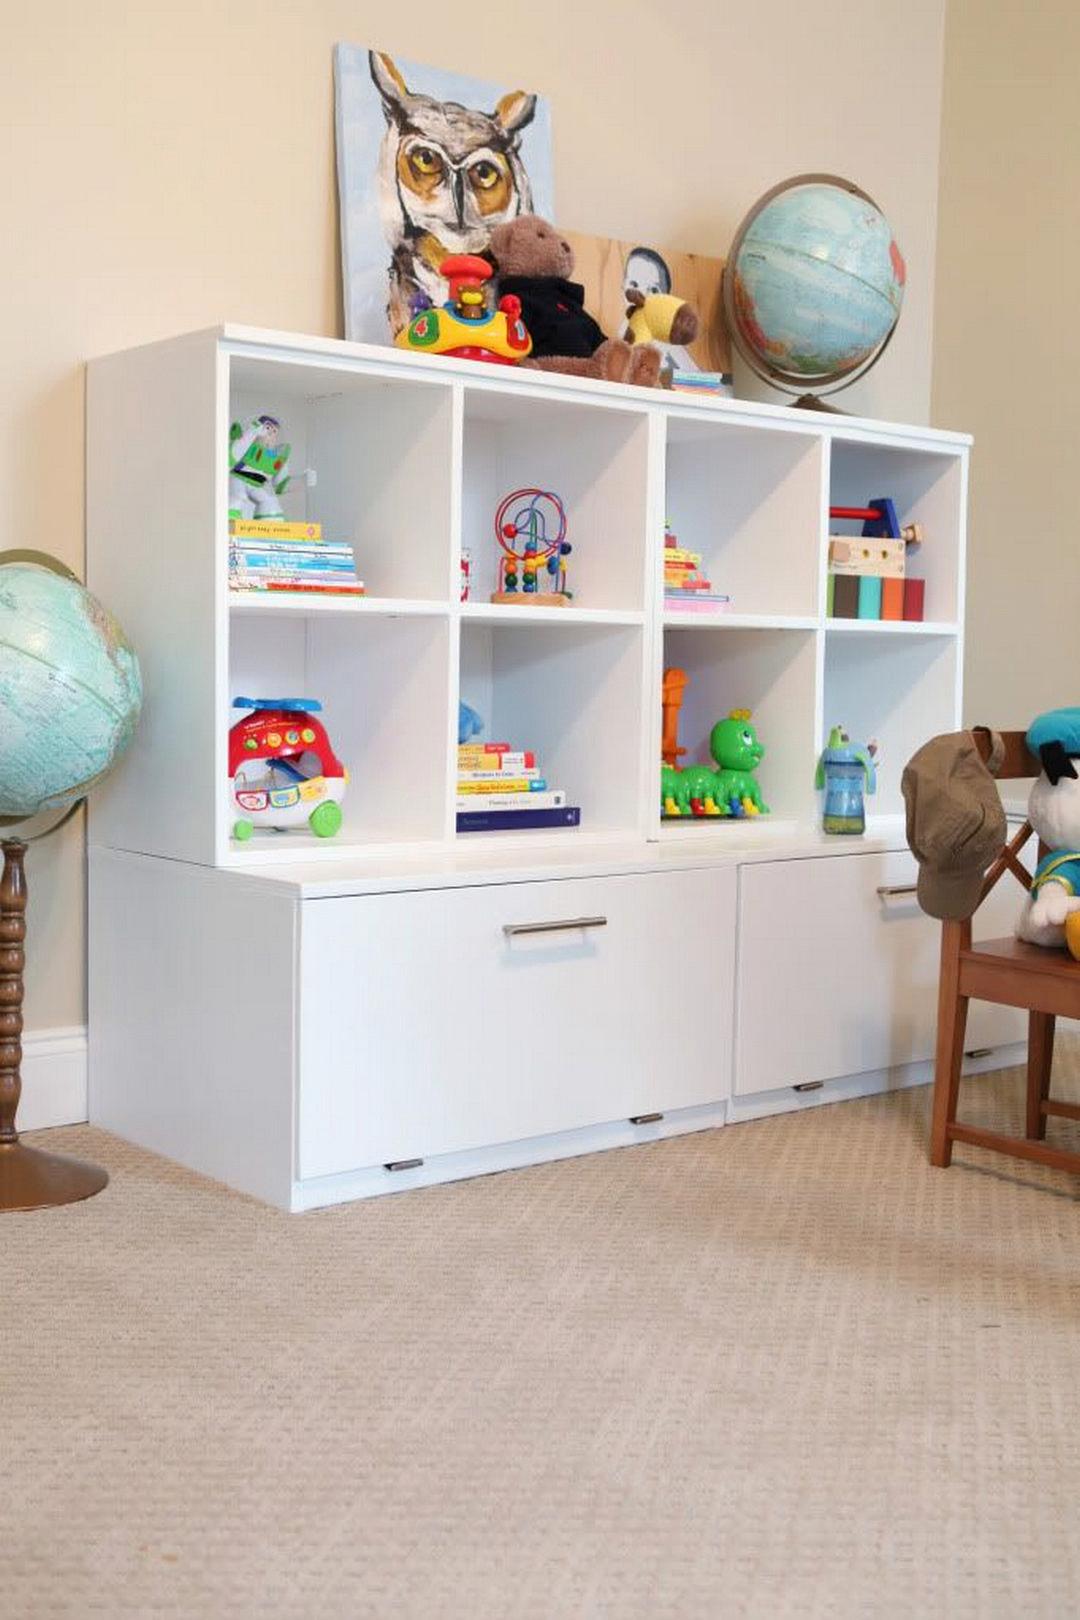 DIY Toy organizer, DIY toy storage ideas Perfect for